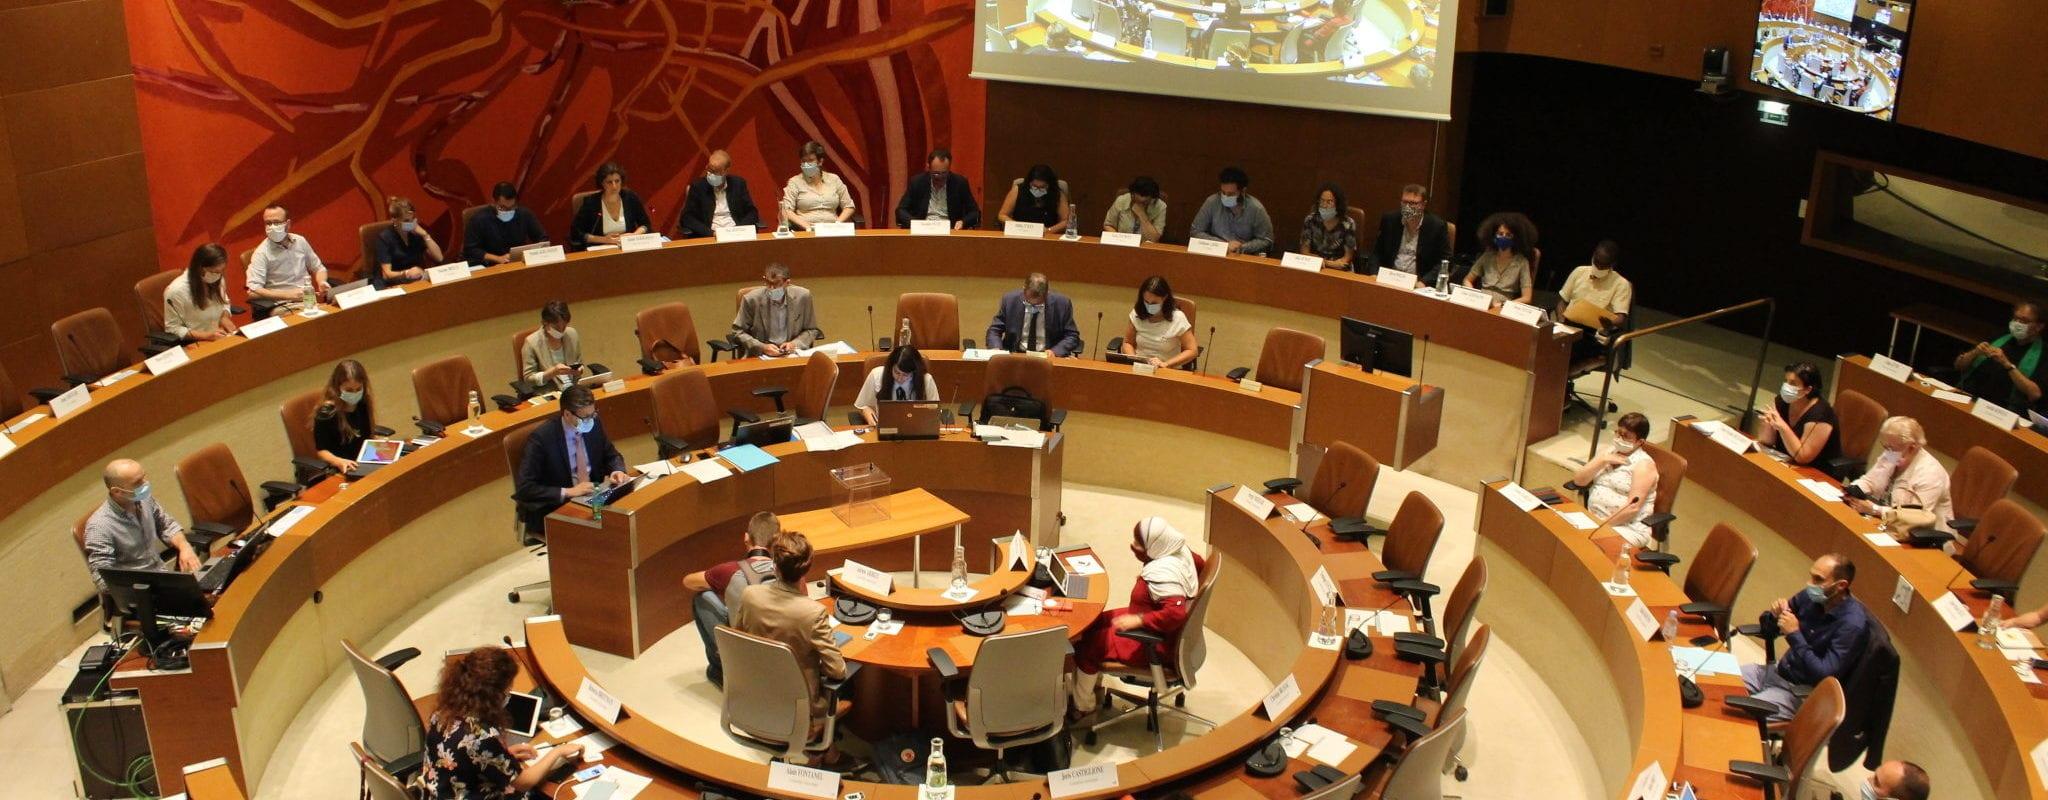 Au conseil municipal, la délicate question des rémunérations et des représentations